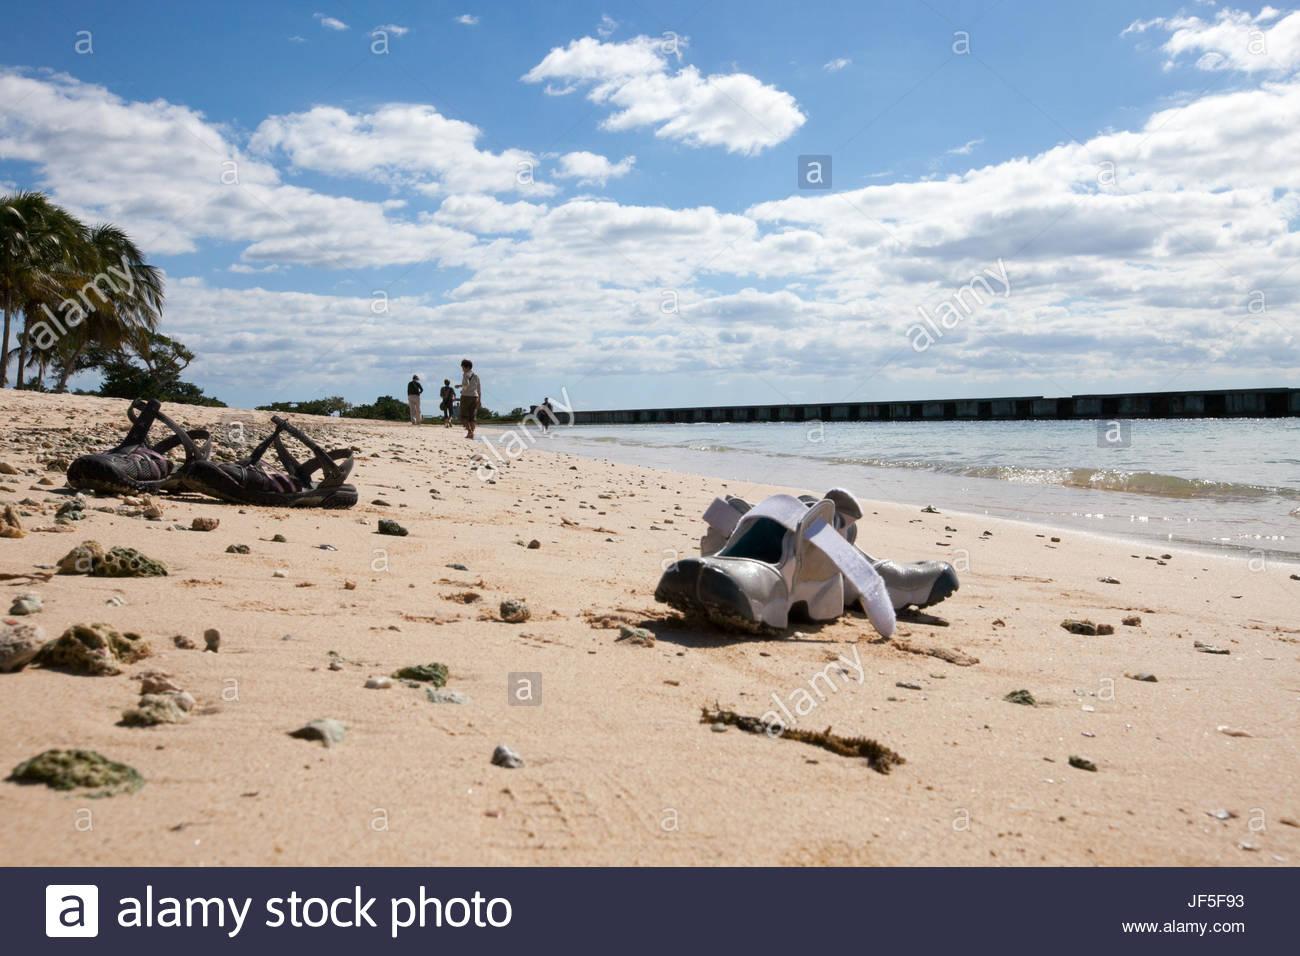 Deux paires de sandales s'asseoir dans le sable comme les touristes à pied la plage le long de l'océan Photo Stock